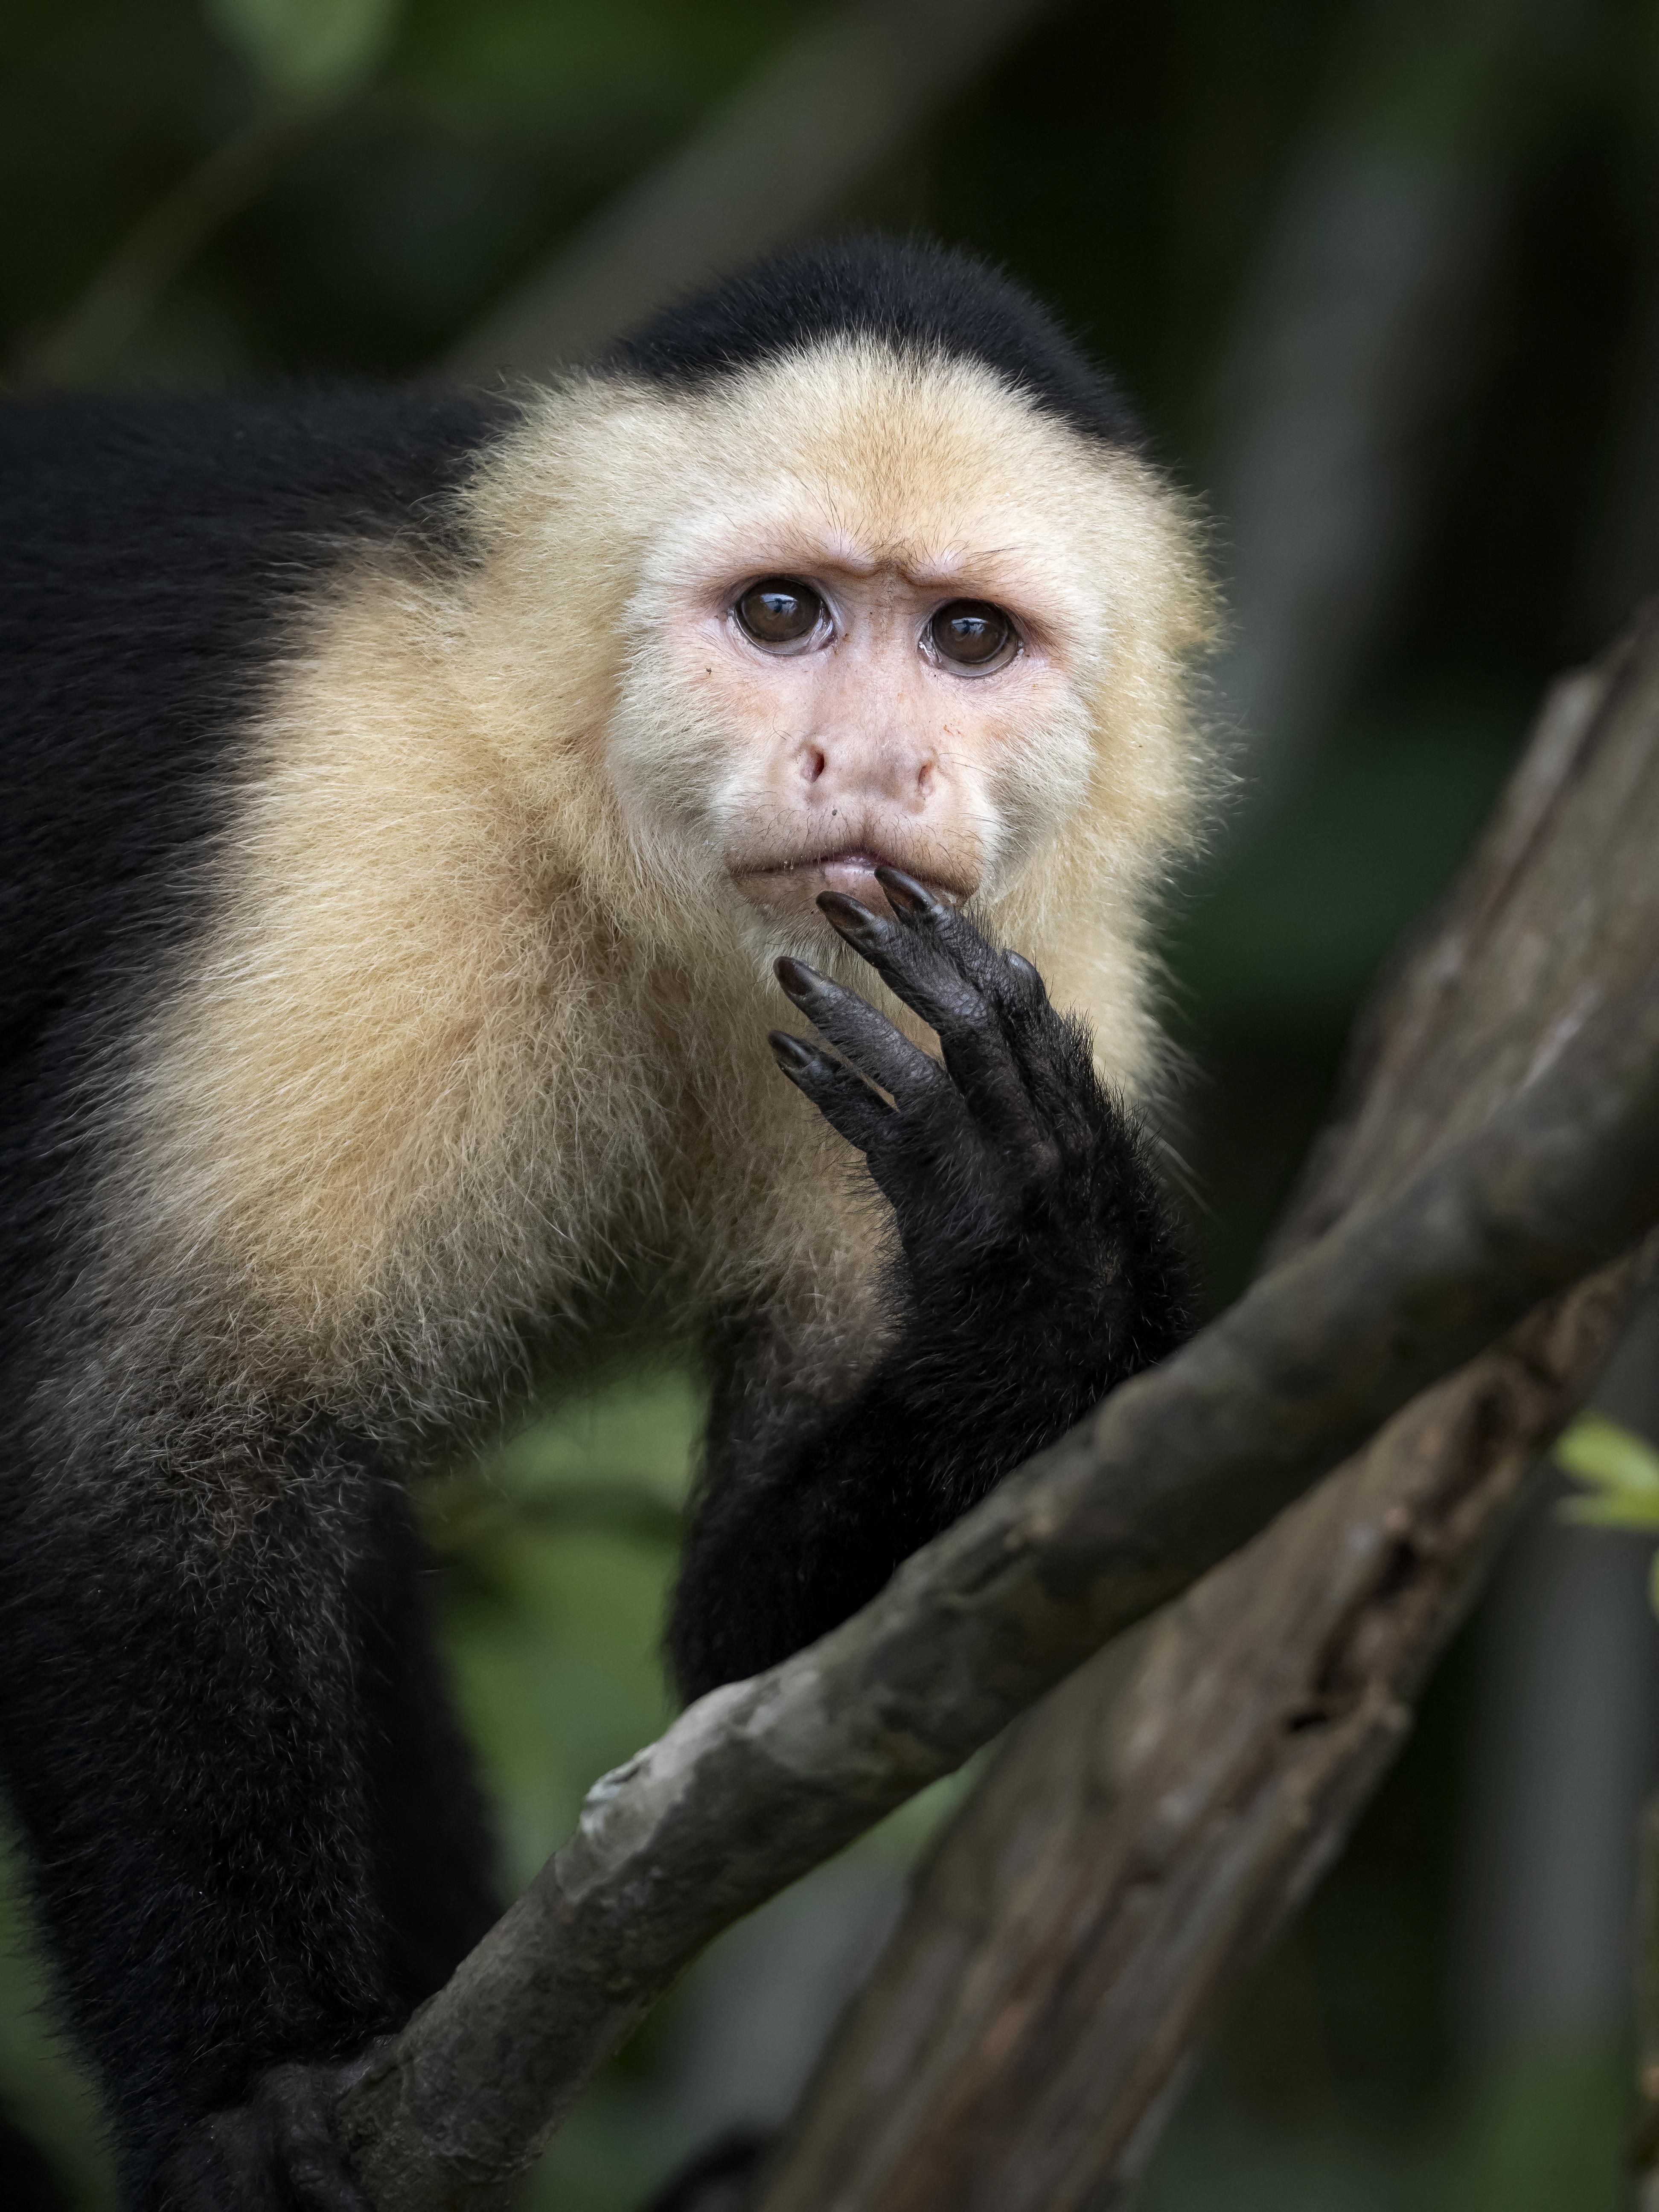 Sokkolta a kutatókat a kedves állatok kegyetlen viselkedése